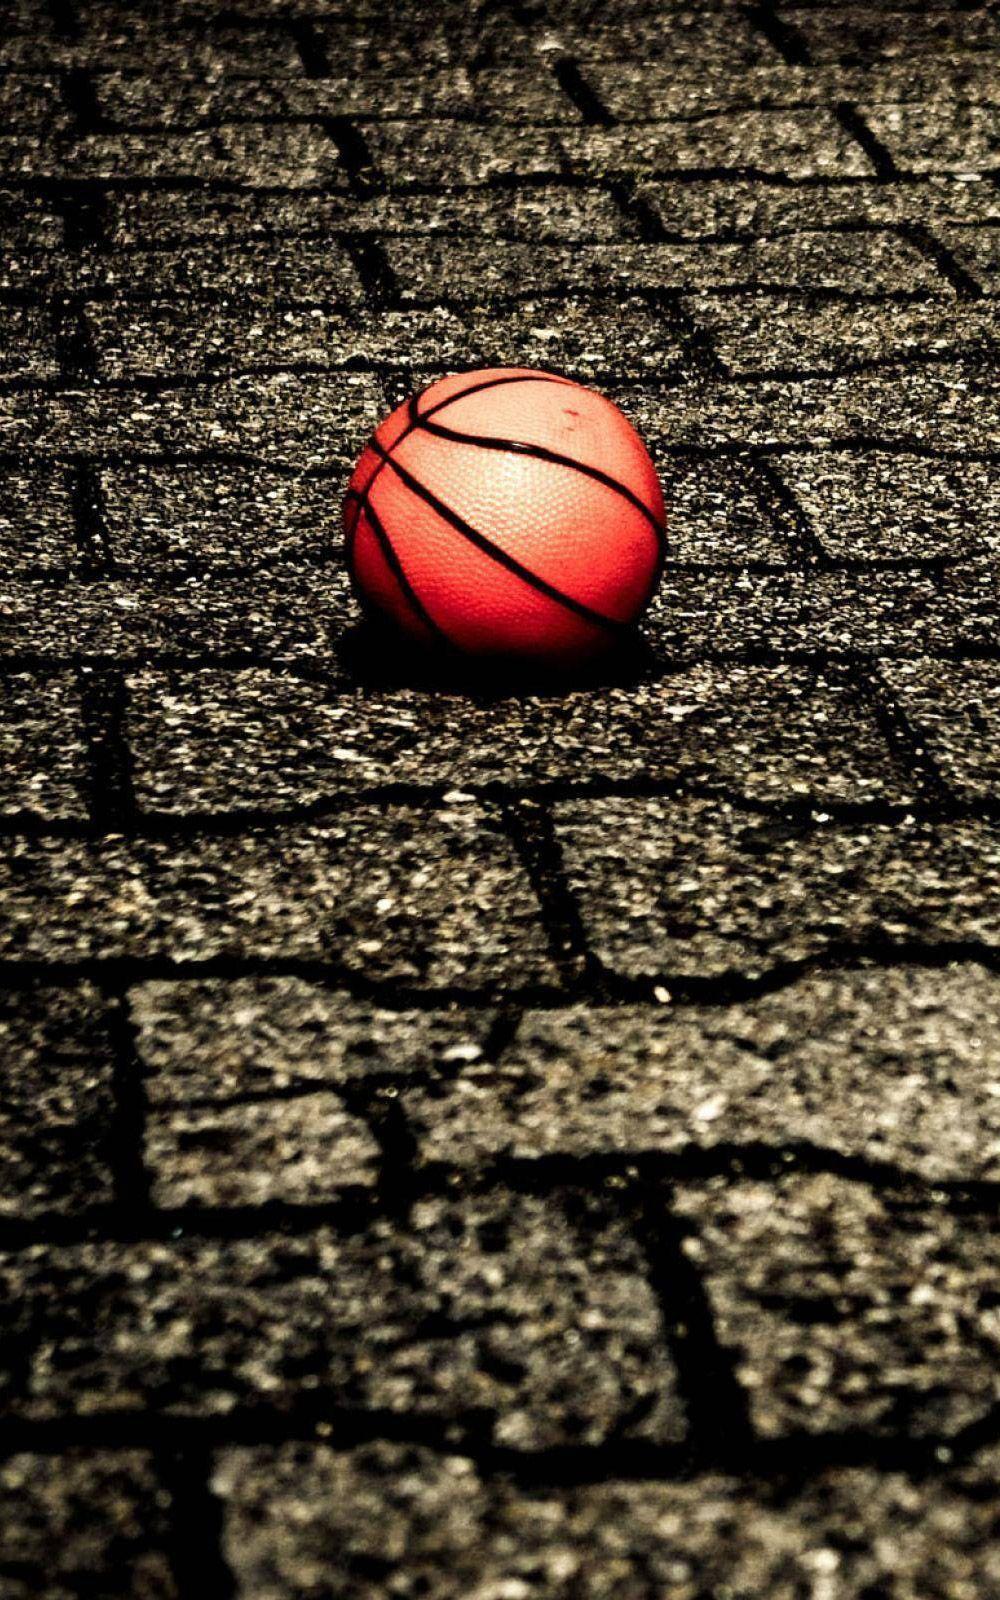 nike basketball wallpapers 2016 - photo #35